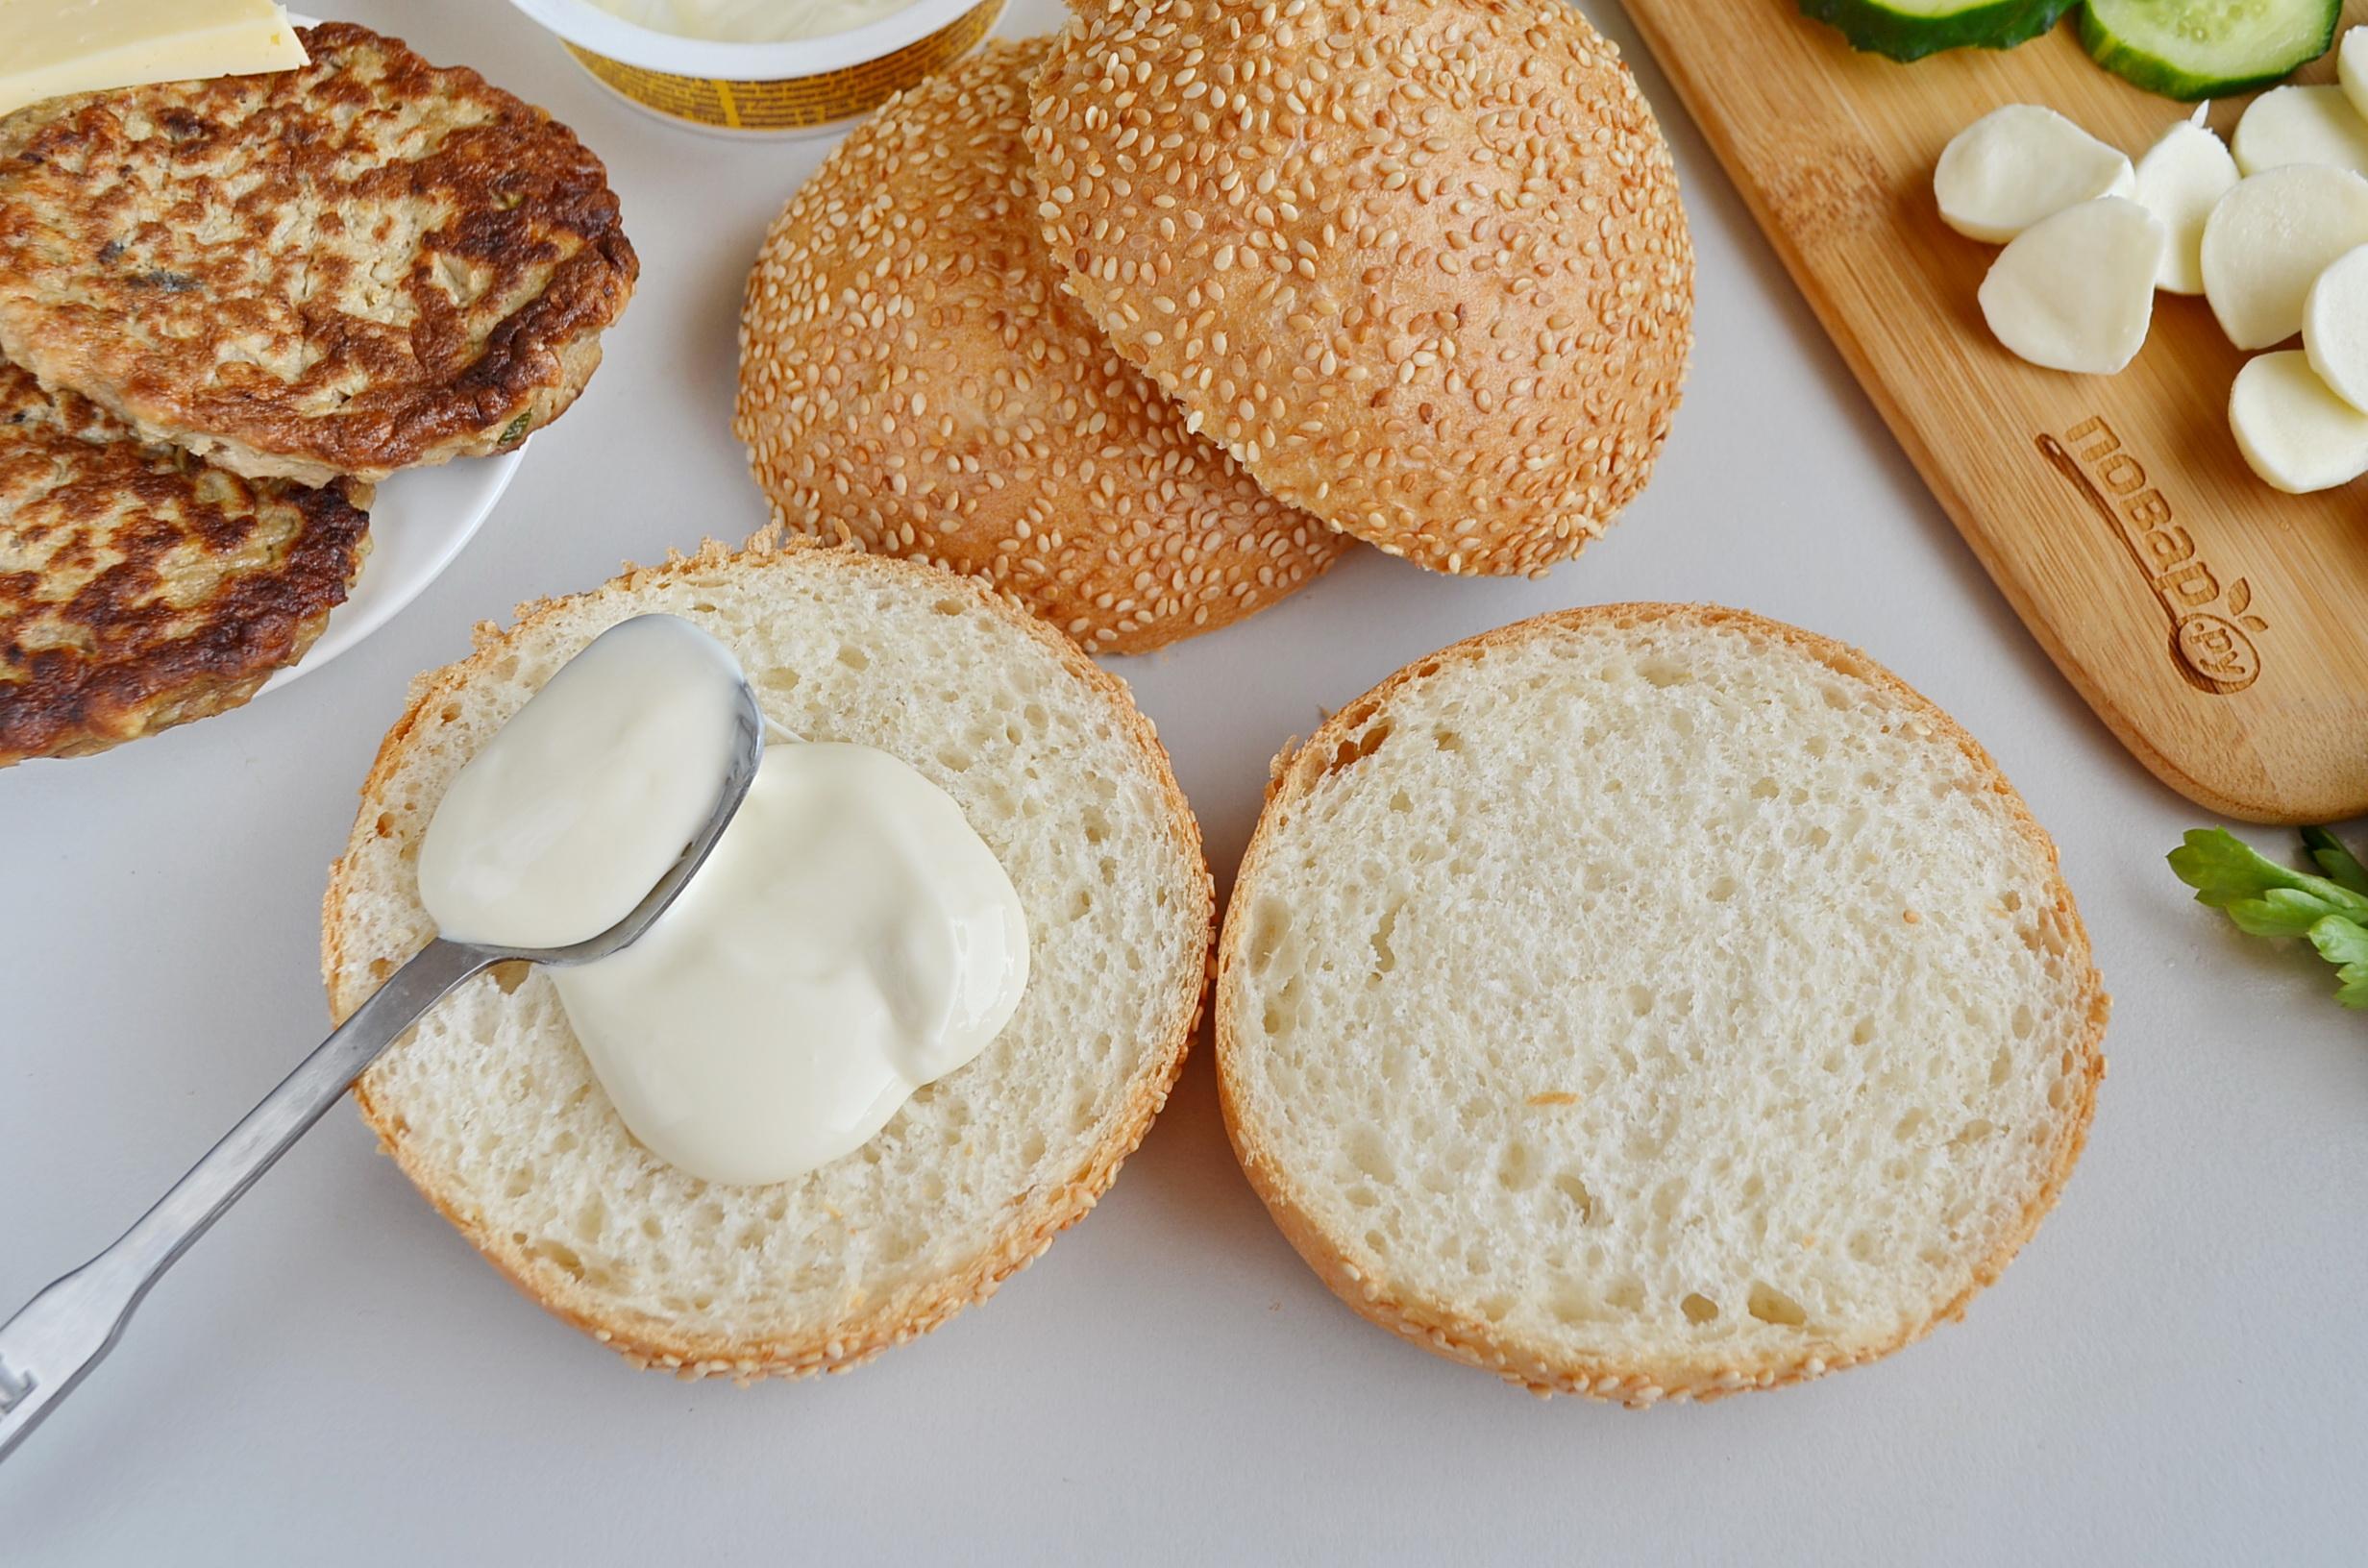 Булочка, смазанная плавленным сыром для приготовления сырного бургера